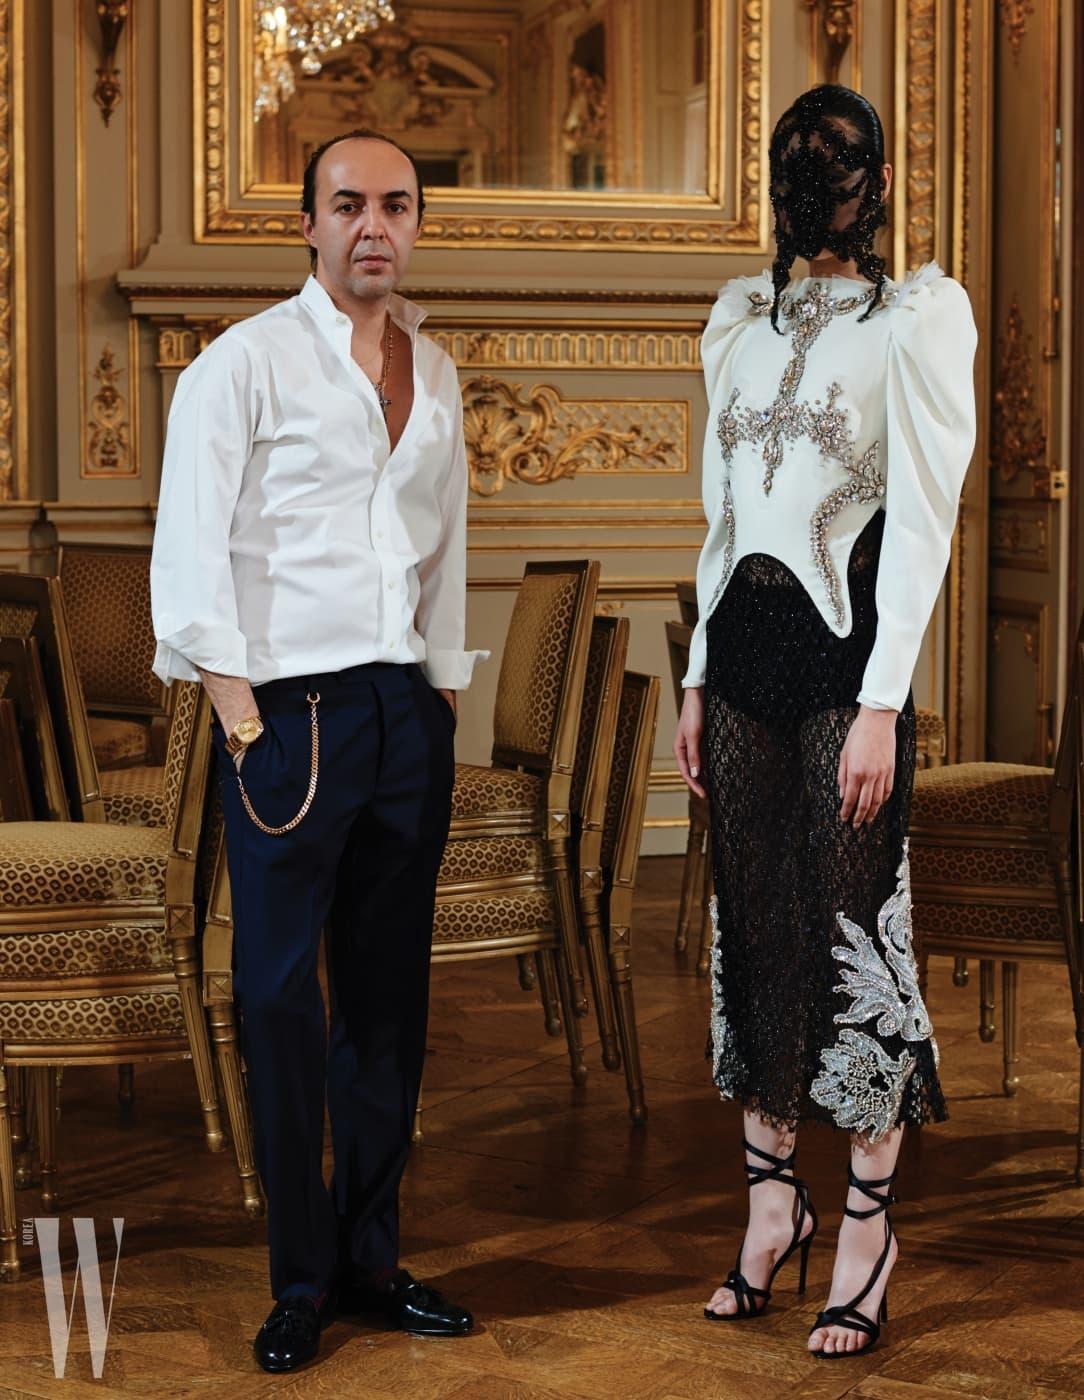 퐁리가 입은 화려한 크리스털 장식 톱과 정교한 레이스 스커트, 앵클 스트랩 슈즈, 미스테리한 레이스 마스크는 모두 Francesco Scognamiglio Haute Couture 제품.